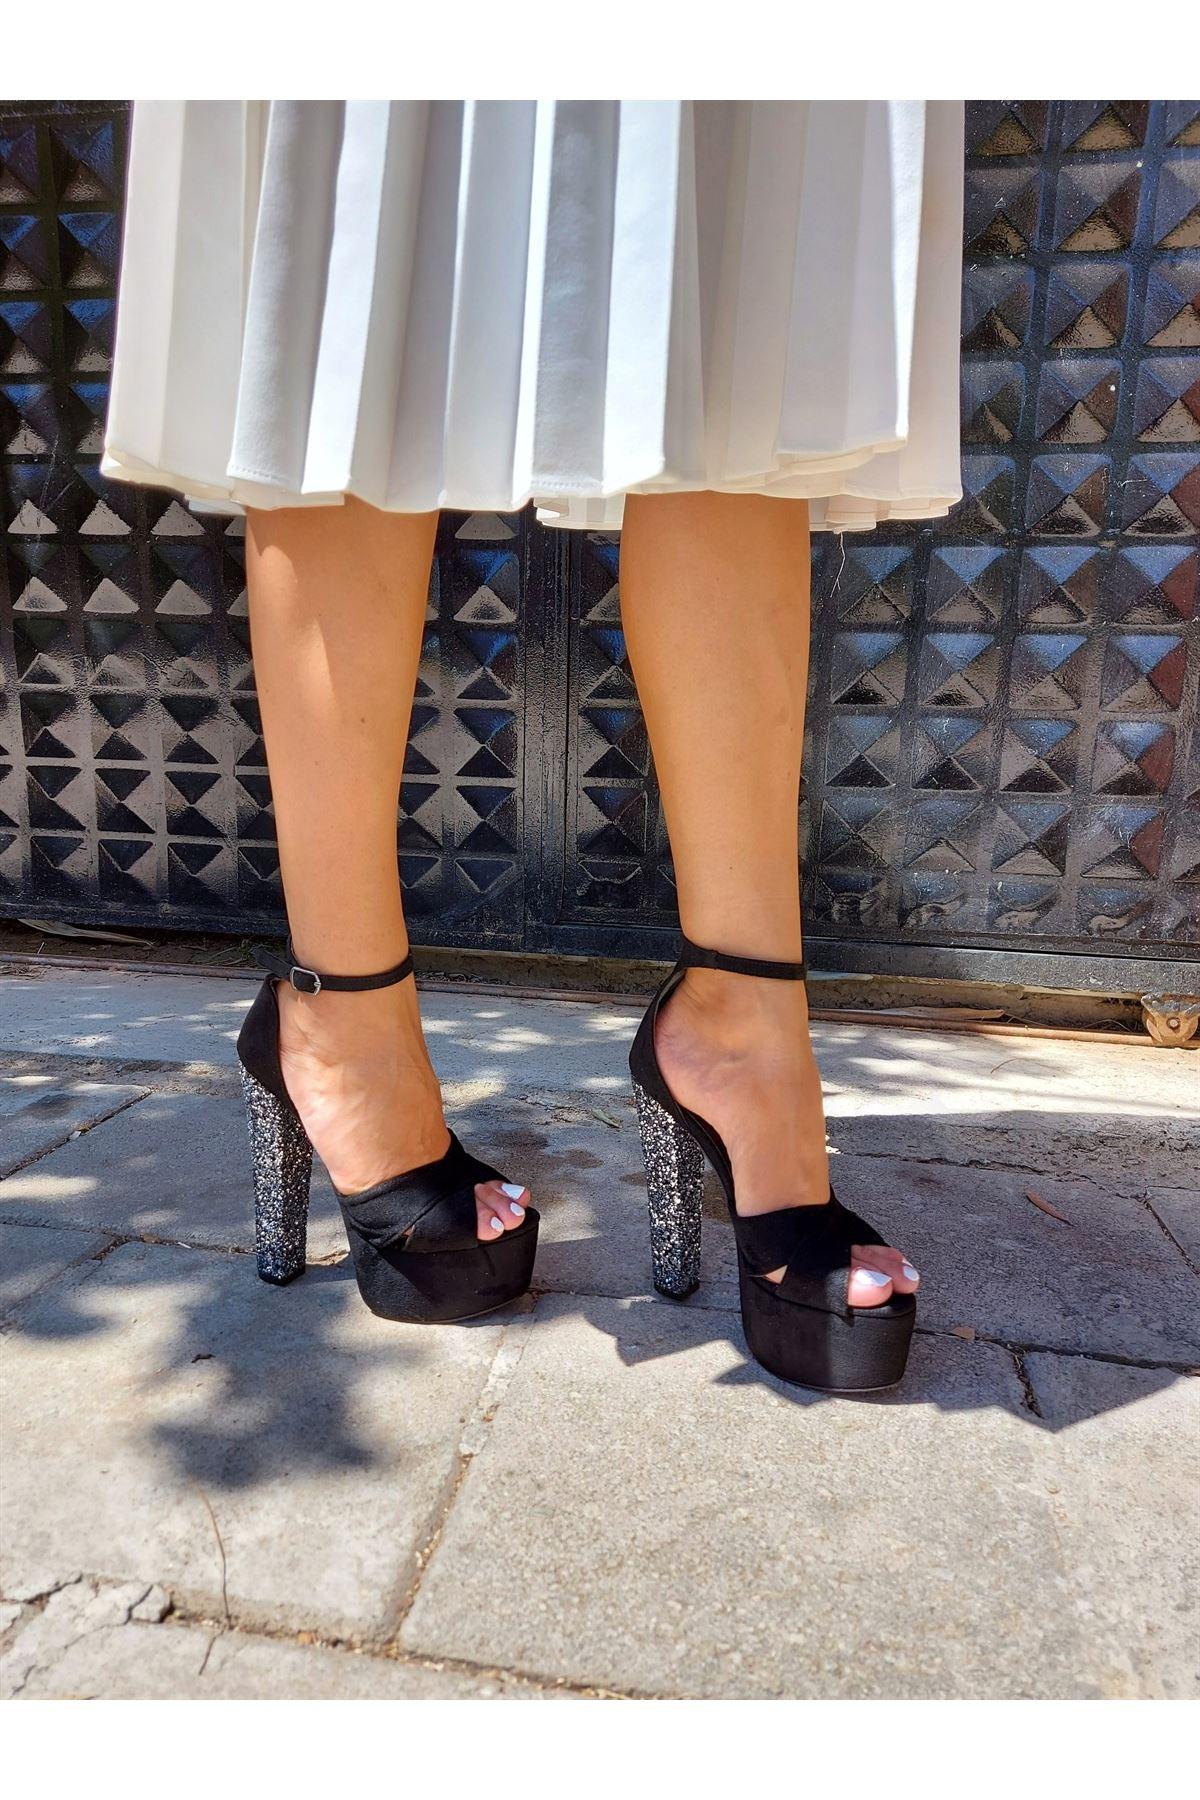 Celine Siyah Süet Silver Topuklu Ayakkabı